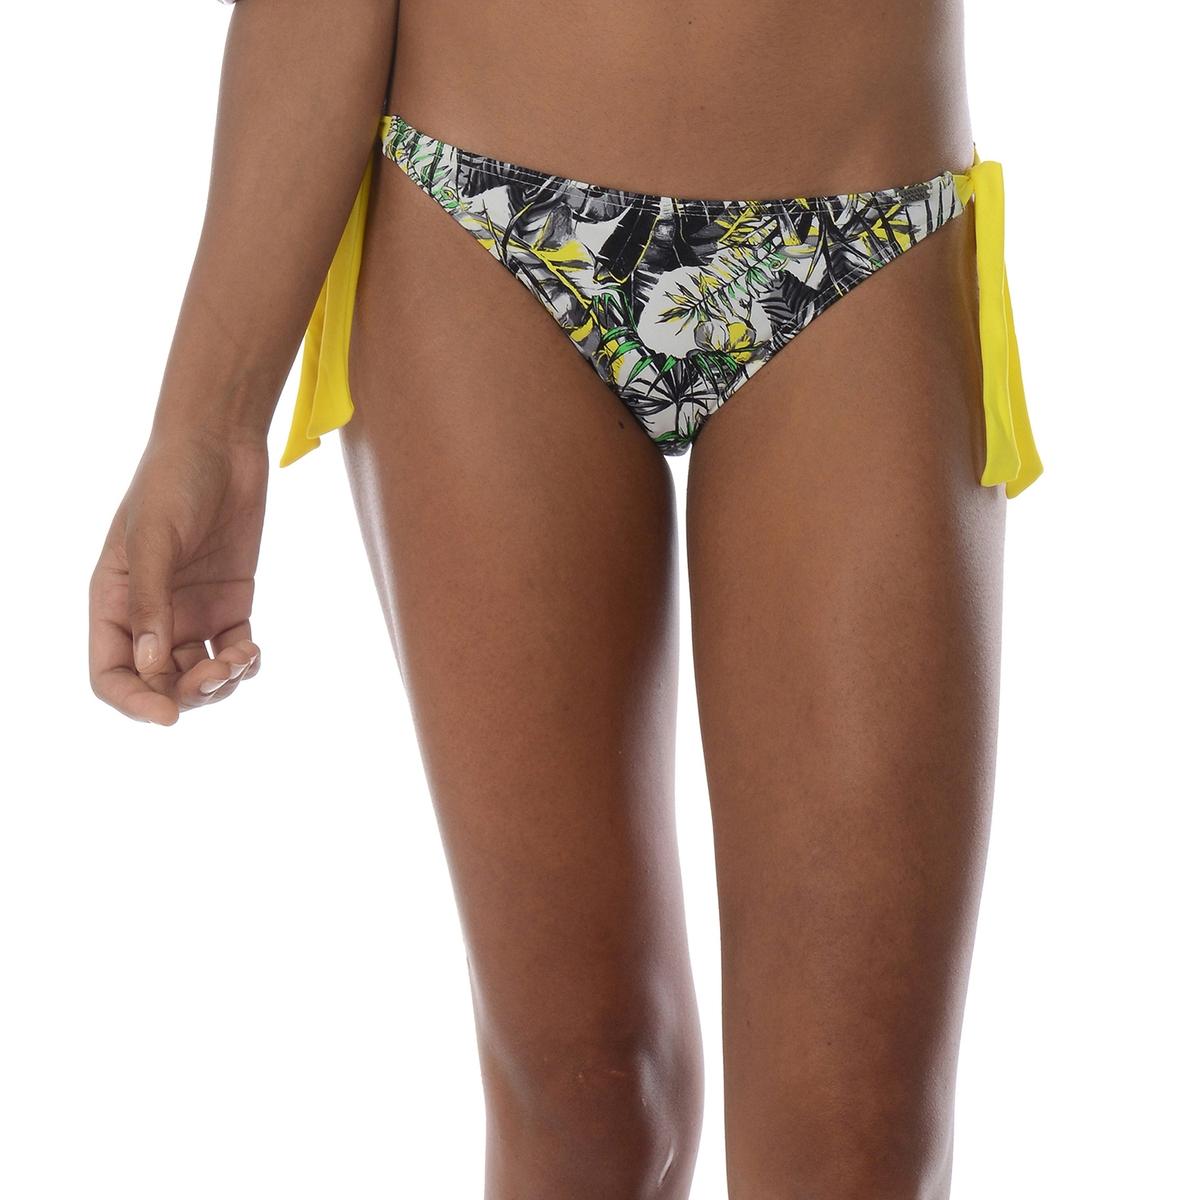 Низ от купальникаЭти плавки выгодно подчеркнут ваши формы . Завязки по бокам с обеих сторон для лучшей фиксации и для любого телосложения . Завязки желтого цвета  .20% эластана,  80% полиамида .<br><br>Цвет: черный/ желтый<br>Размер: 44 (FR) - 50 (RUS)